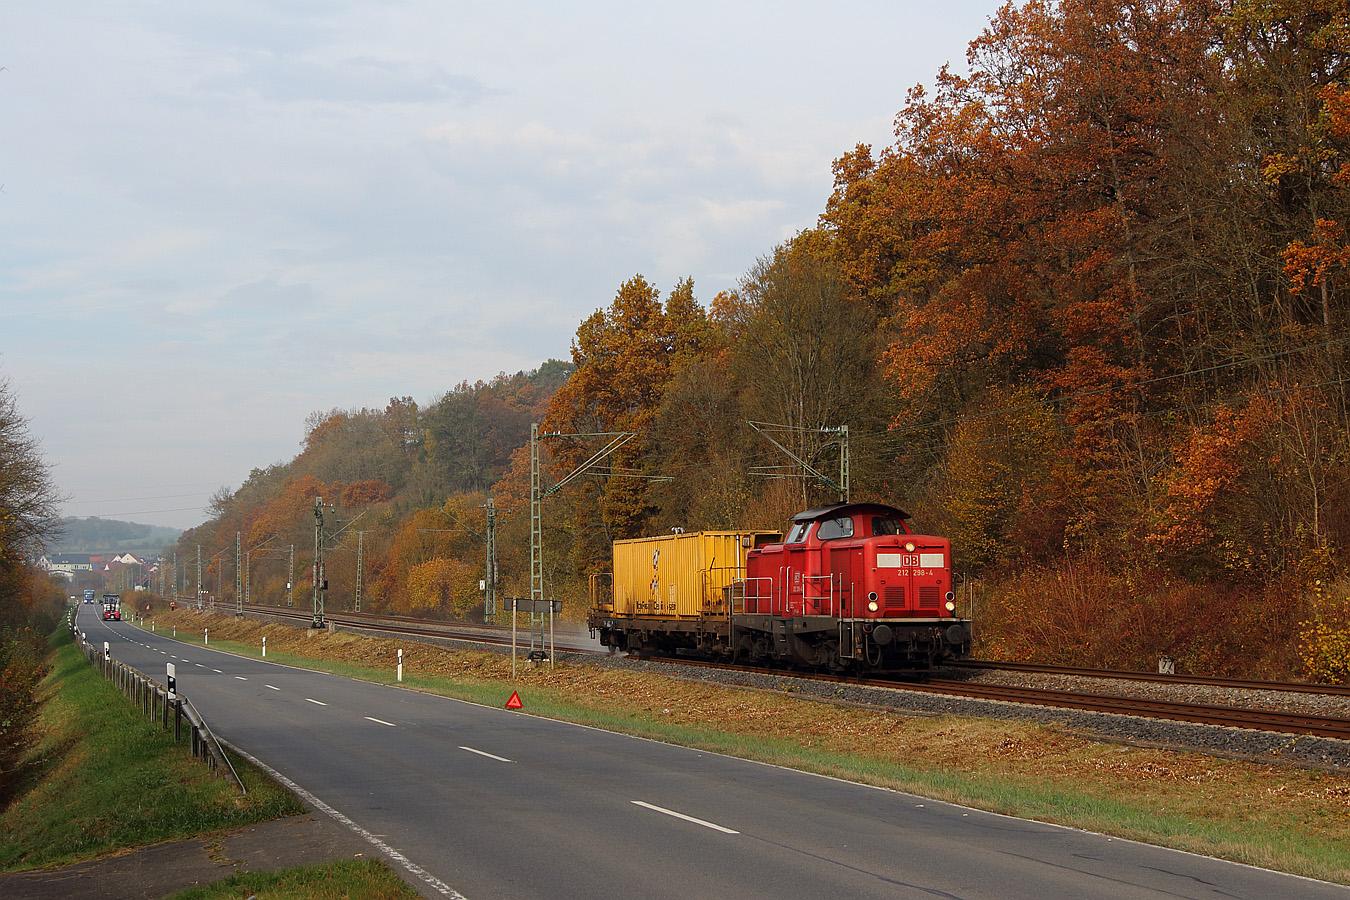 http://www.eisenbahnfotos-online.de/webspace/212298vr-041117-radn-1350.jpg